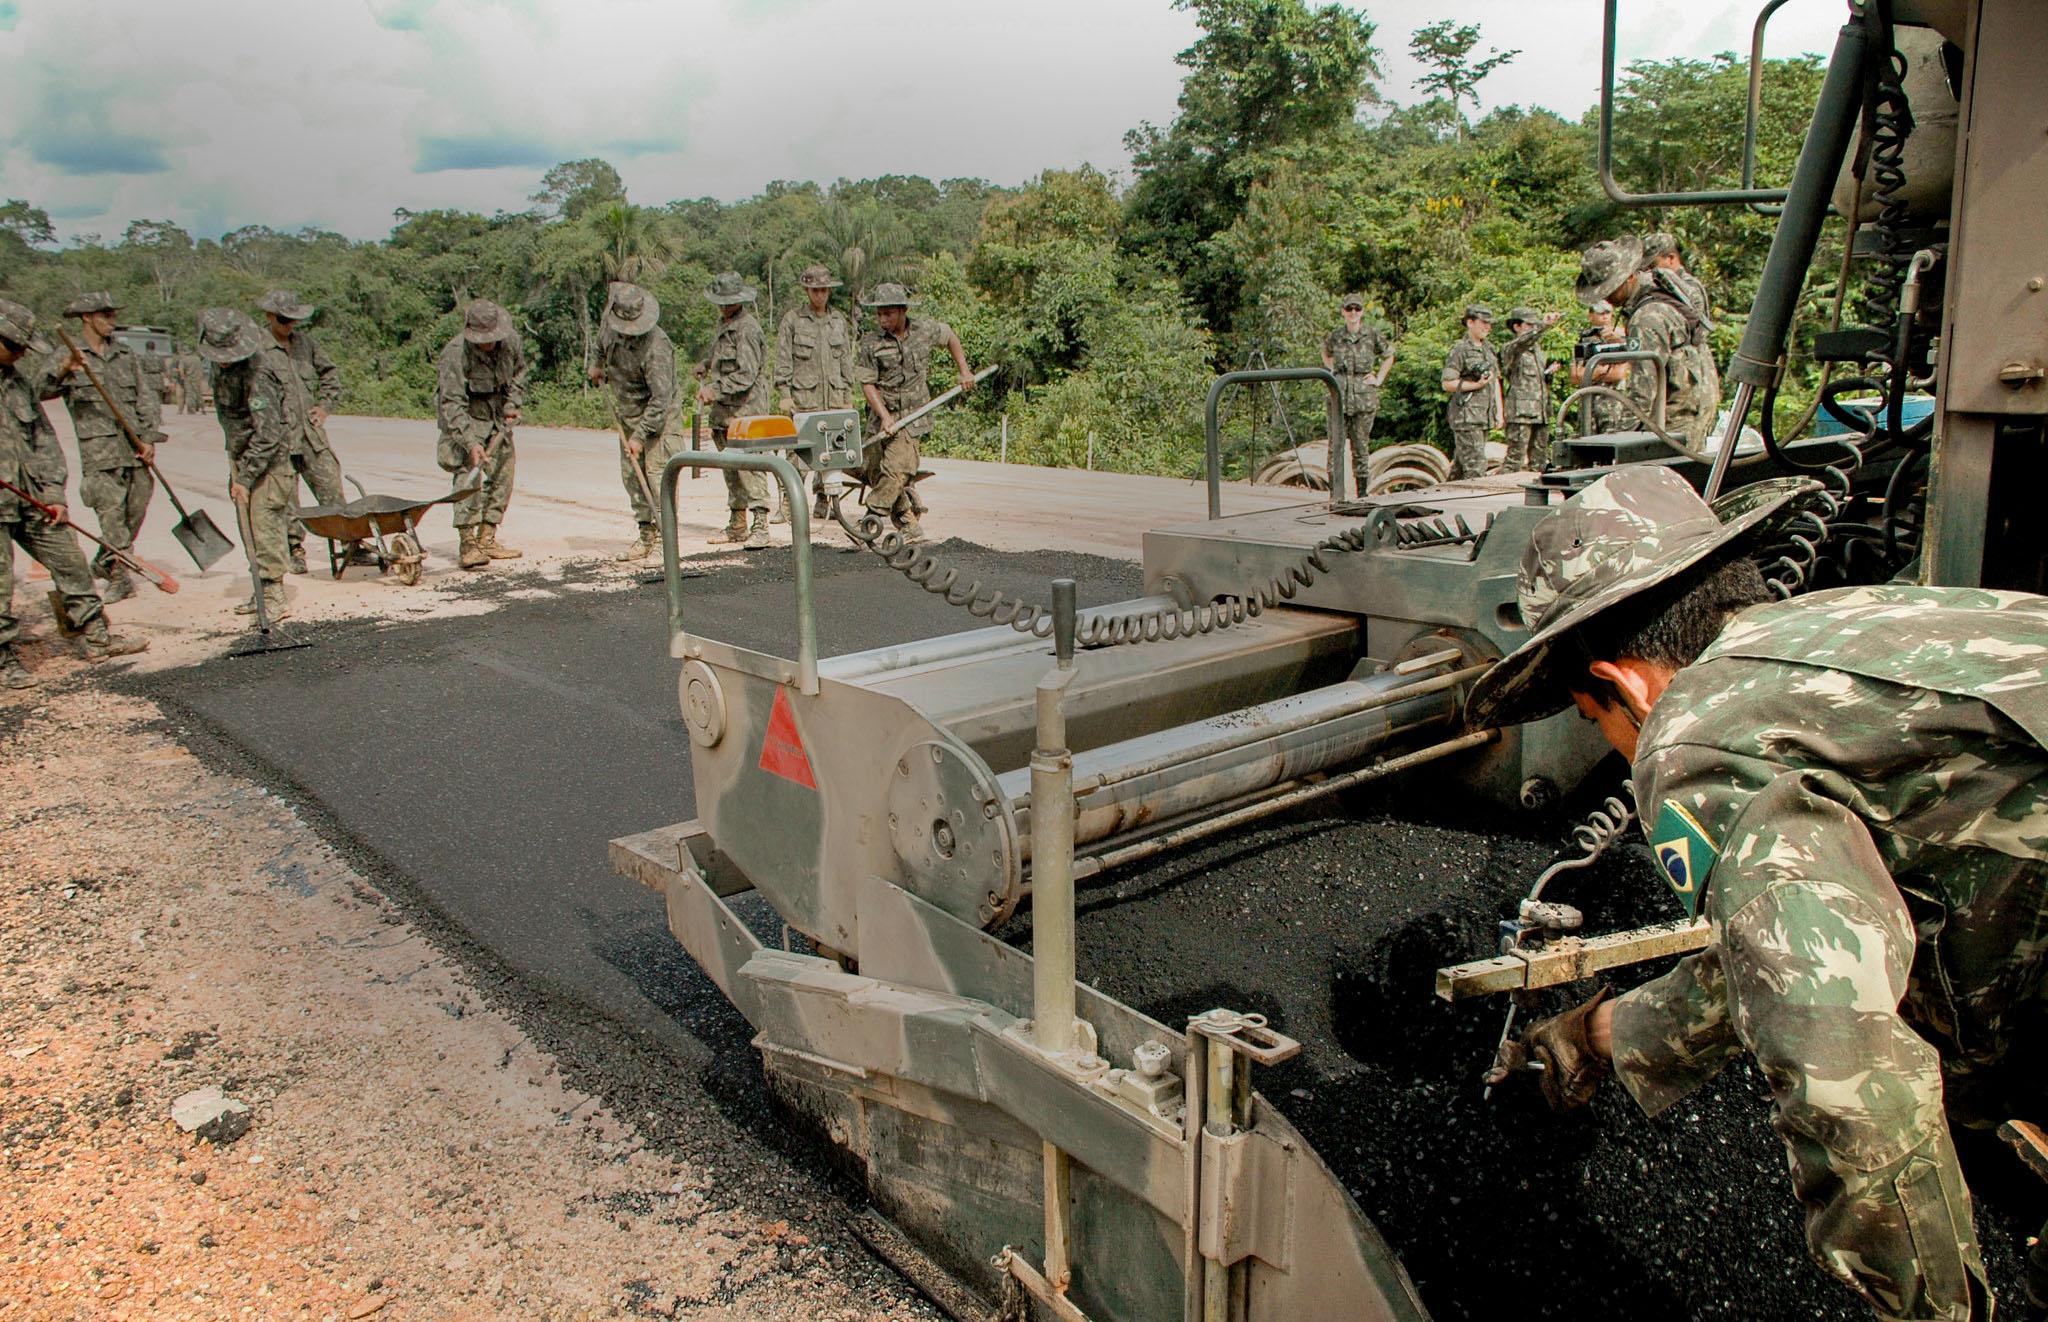 BR-319 ameaça povos indígenas 5:- Promessas vazias de governança